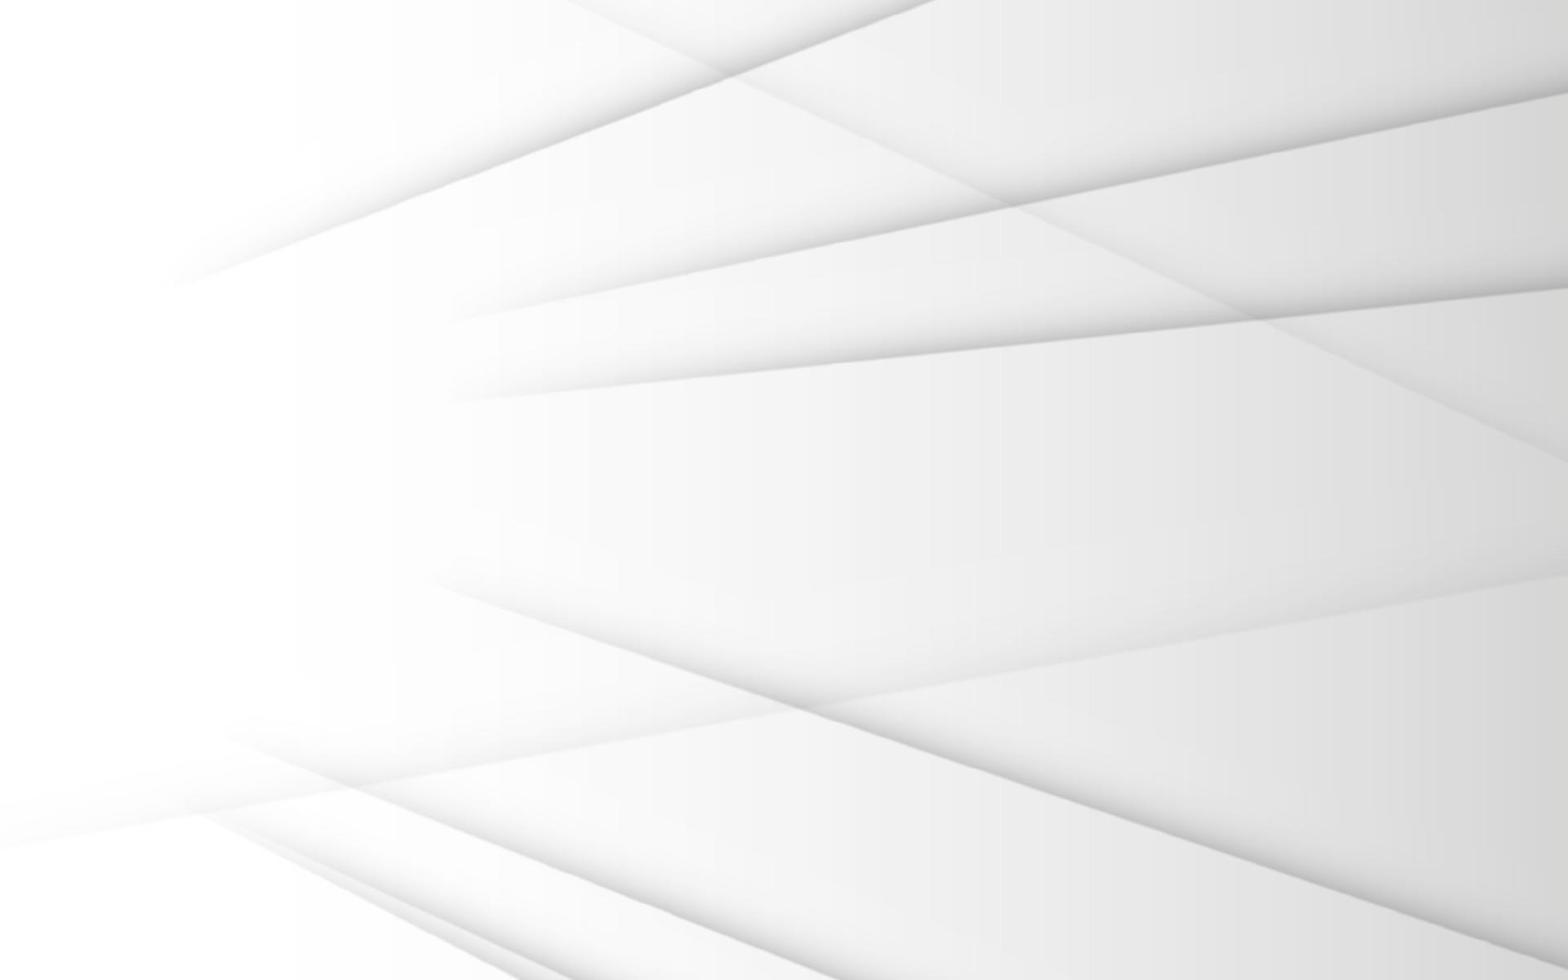 abstrakter geometrischer weißer und grauer Farbhintergrund vektor